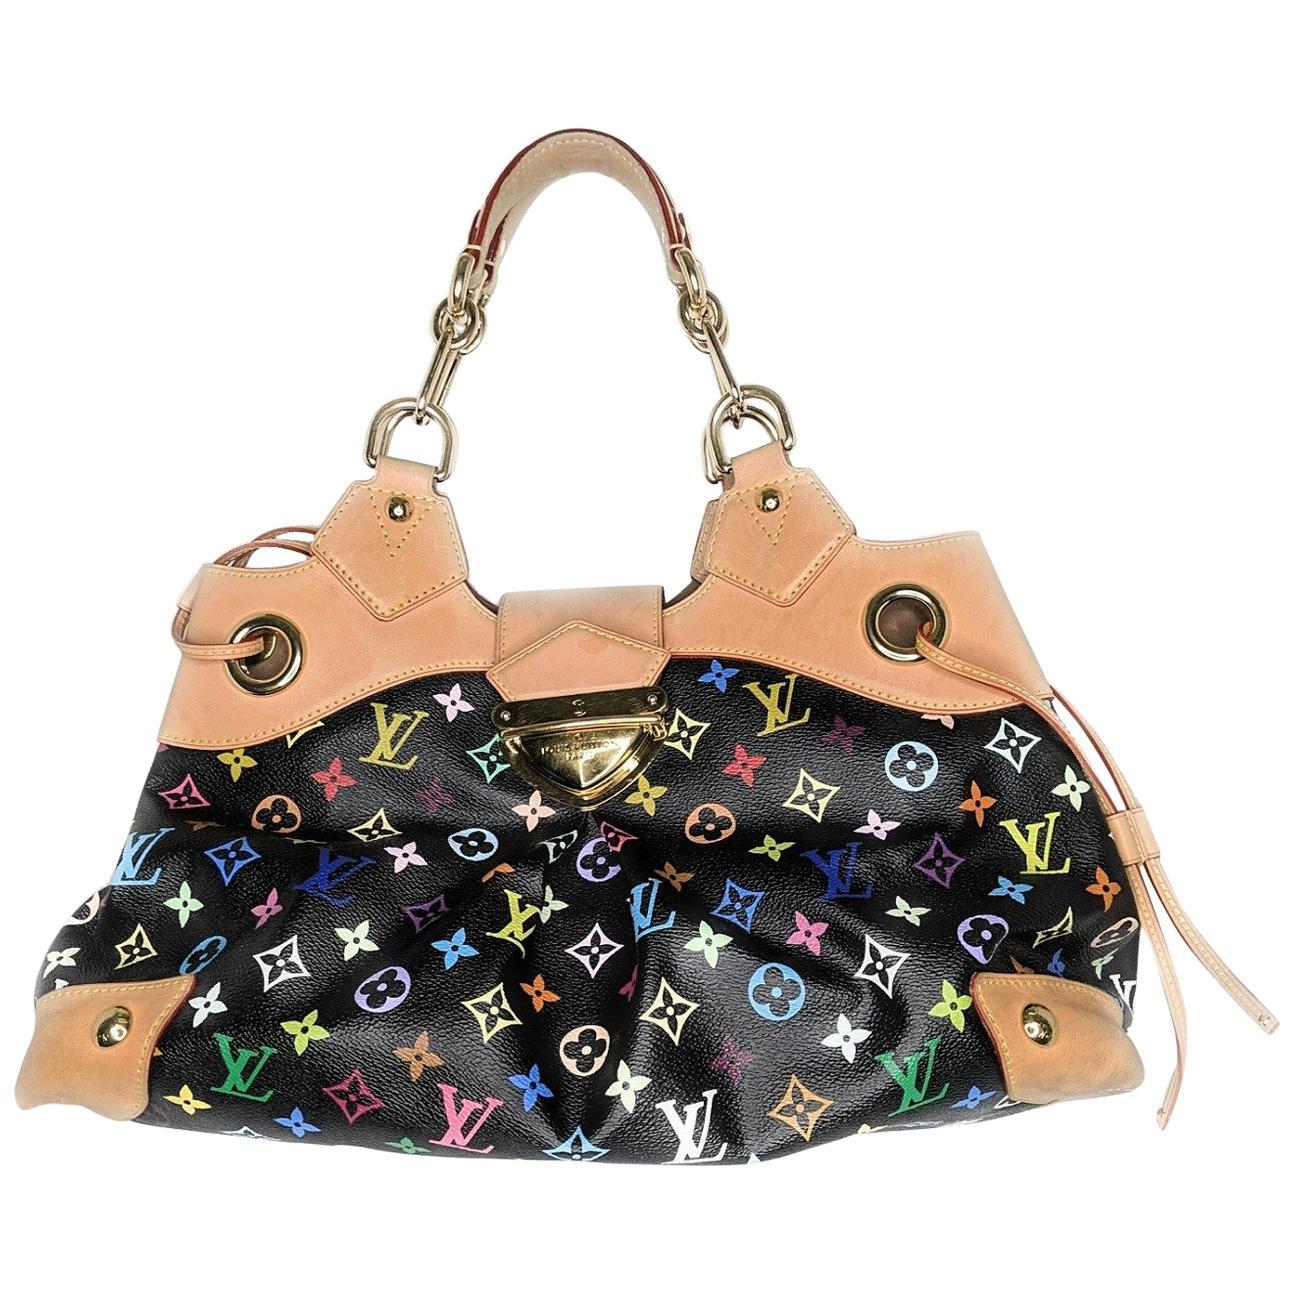 Louis Vuitton Black Multicolore Monogram Ursula Bag